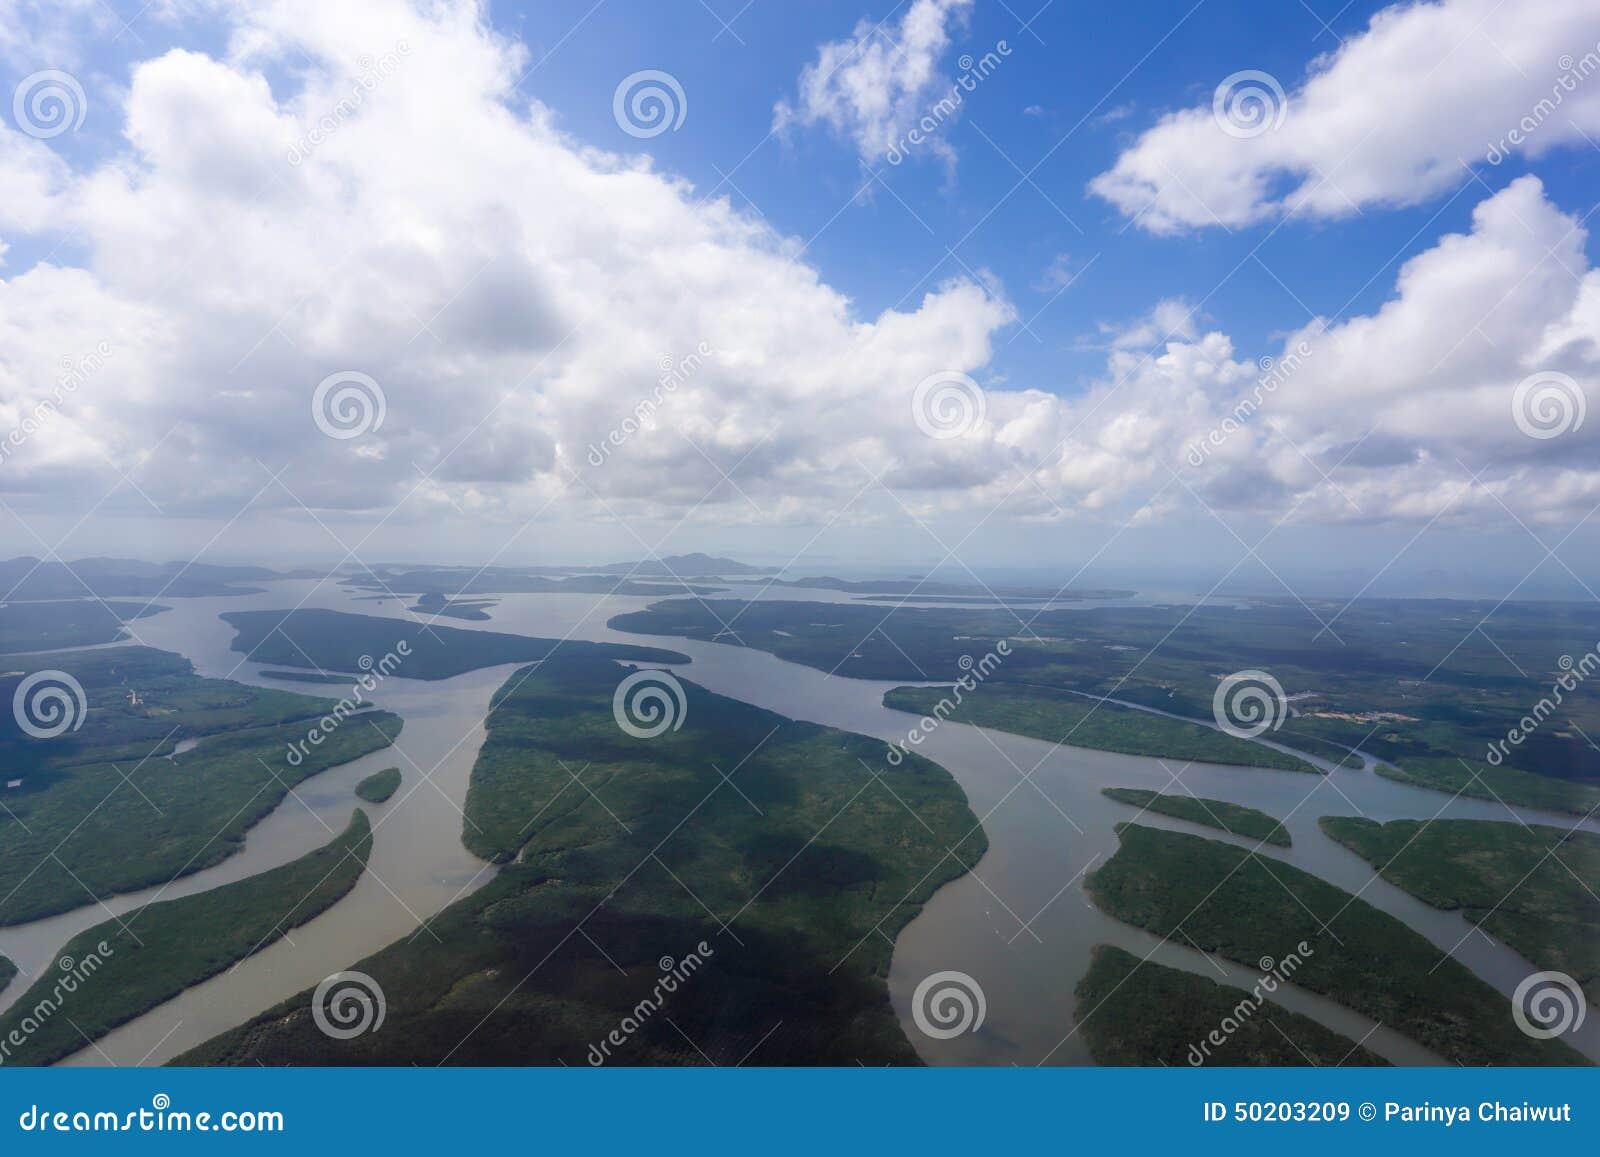 Vue aérienne de la forêt et de la rivière